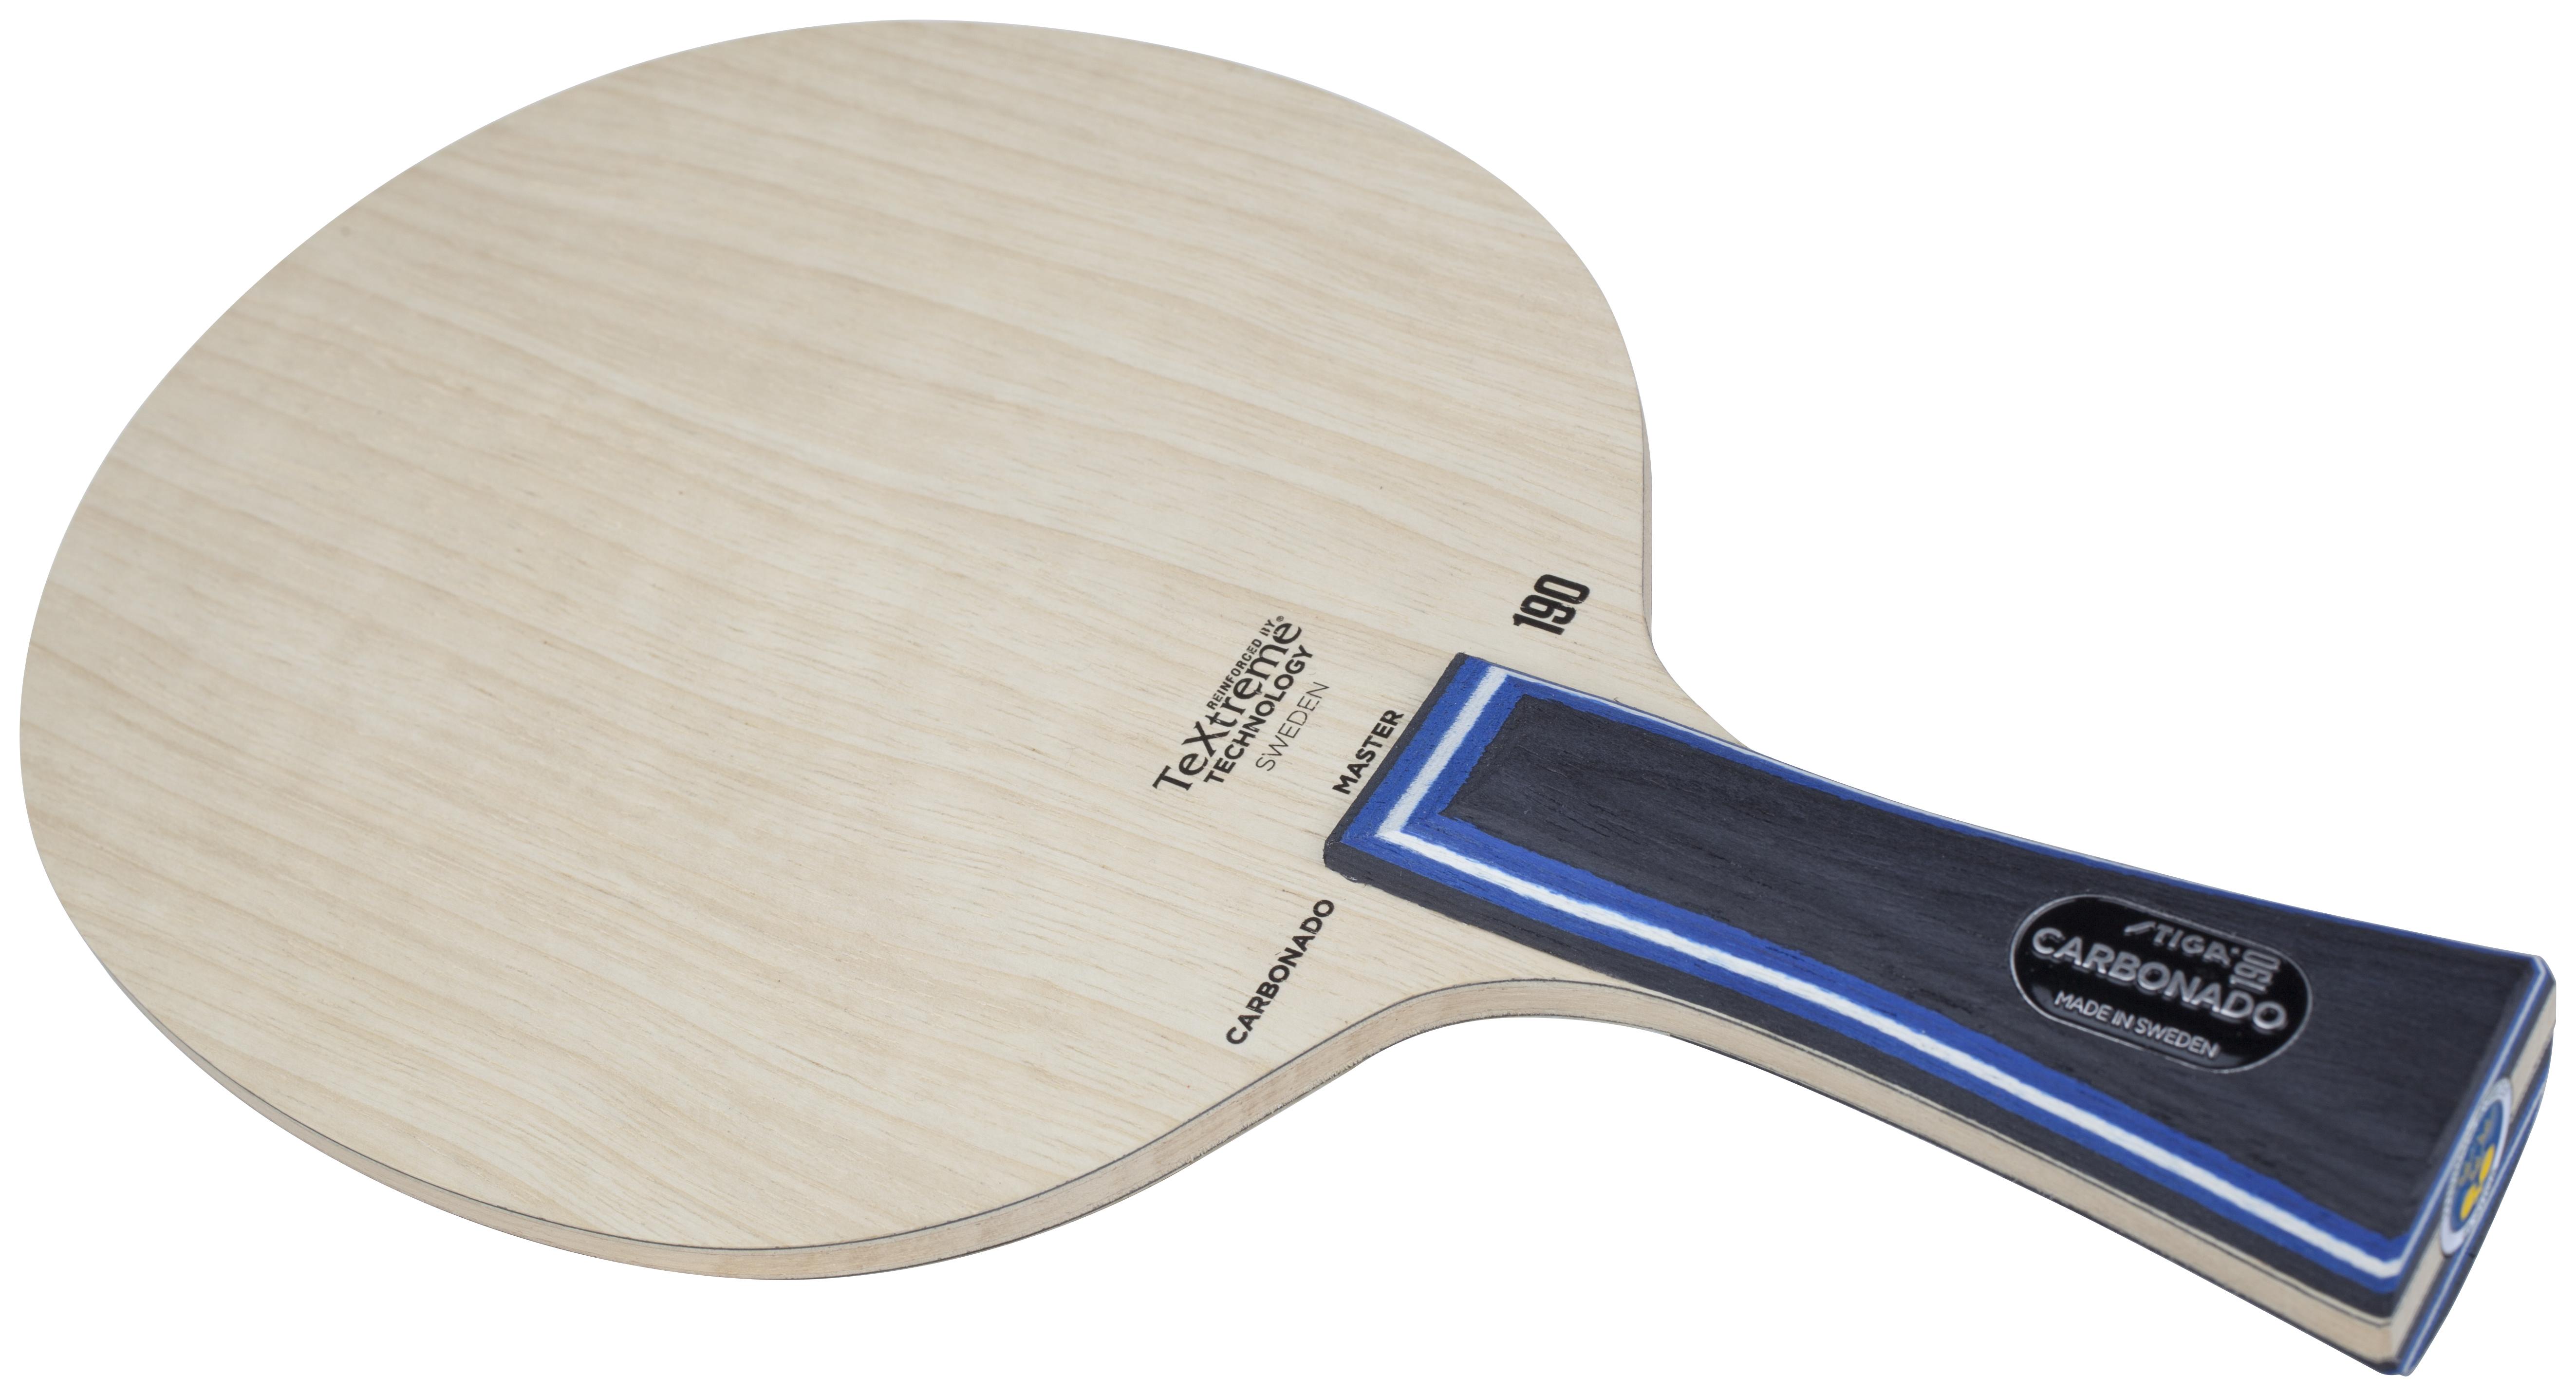 stiga-carbonado-190-tischtennis-holz